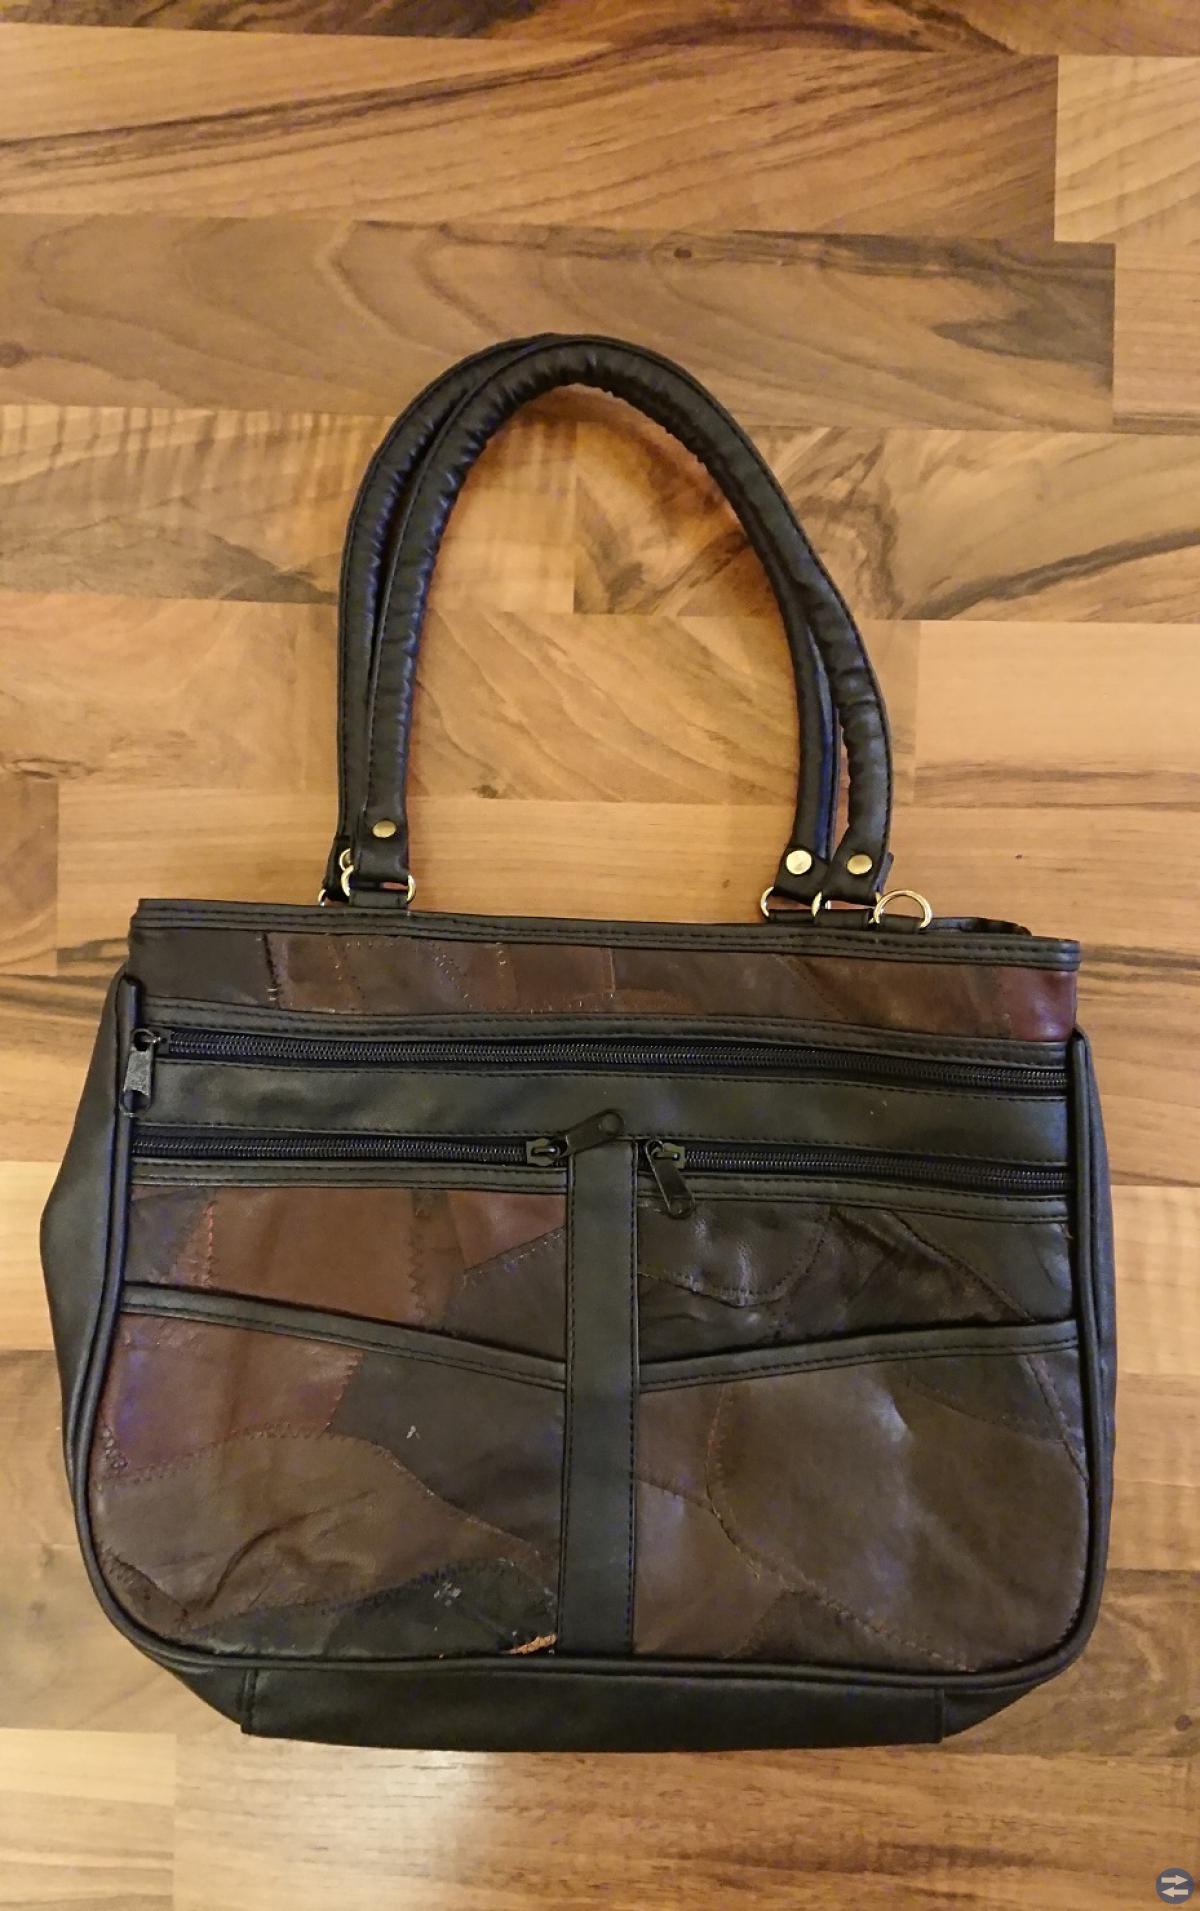 Underbar Väska/Handväska. Retro.